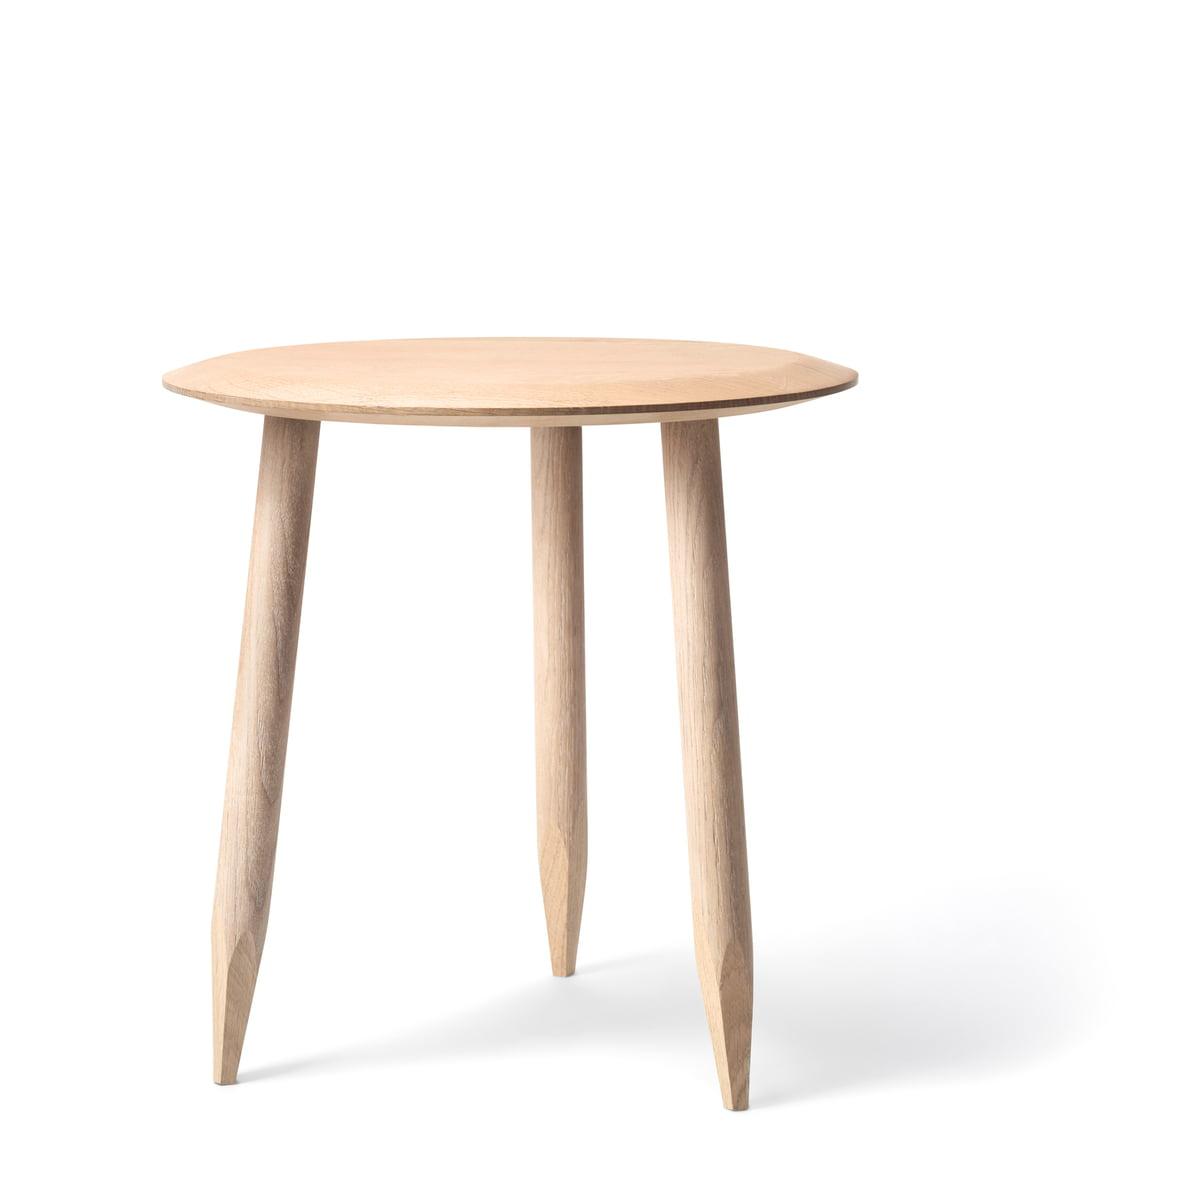 &tradition - Hoof Beistelltisch SW1, Ø 50 cm, Eiche weiß geölt | Wohnzimmer > Tische | Eiche geölt | &tradition